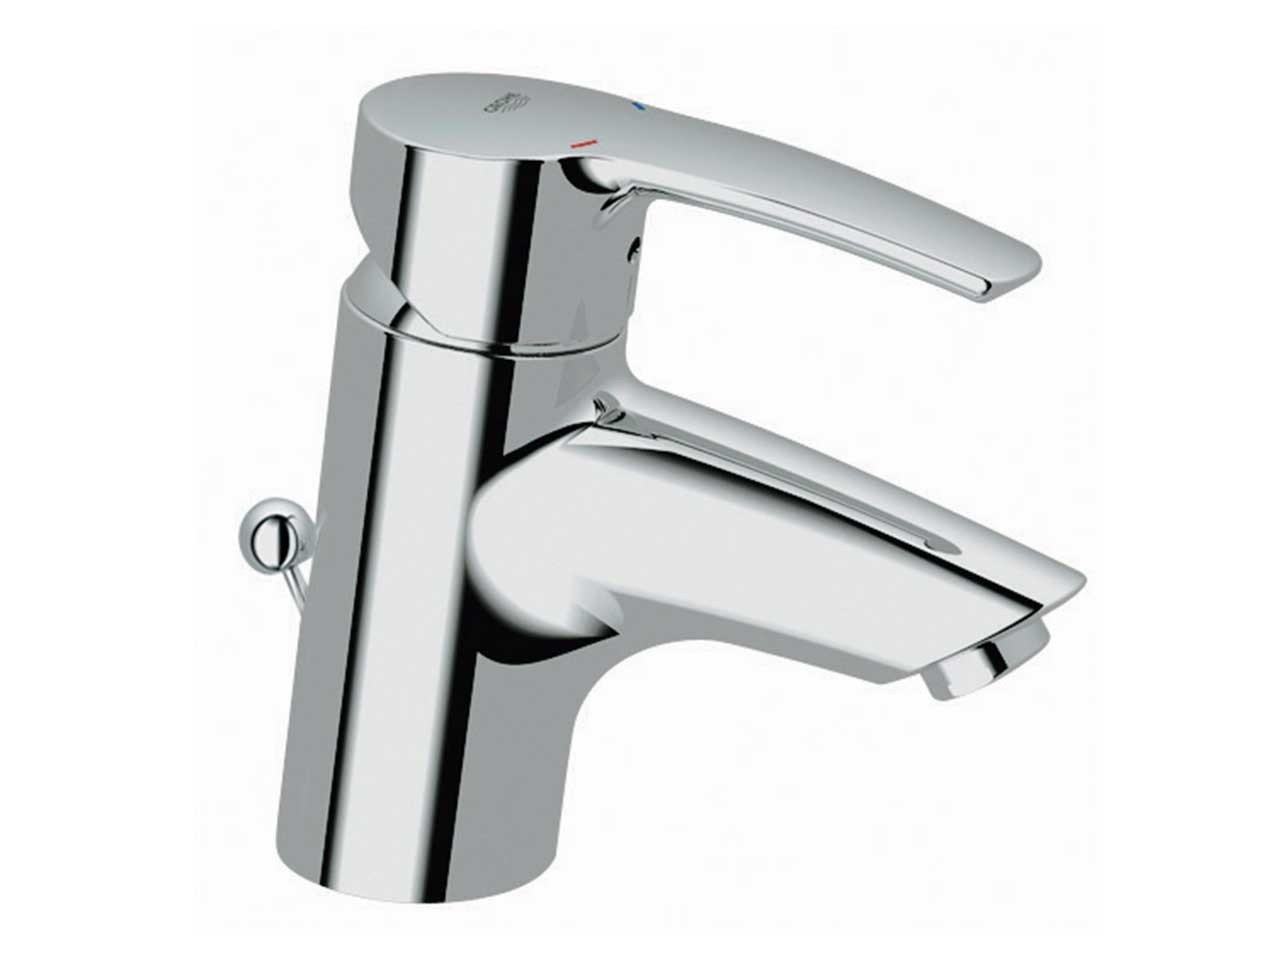 Prezzi Miscelatore Vasca Da Bagno Grohe : Grohe rubinetteria bagno prezzi design per la casa moderna